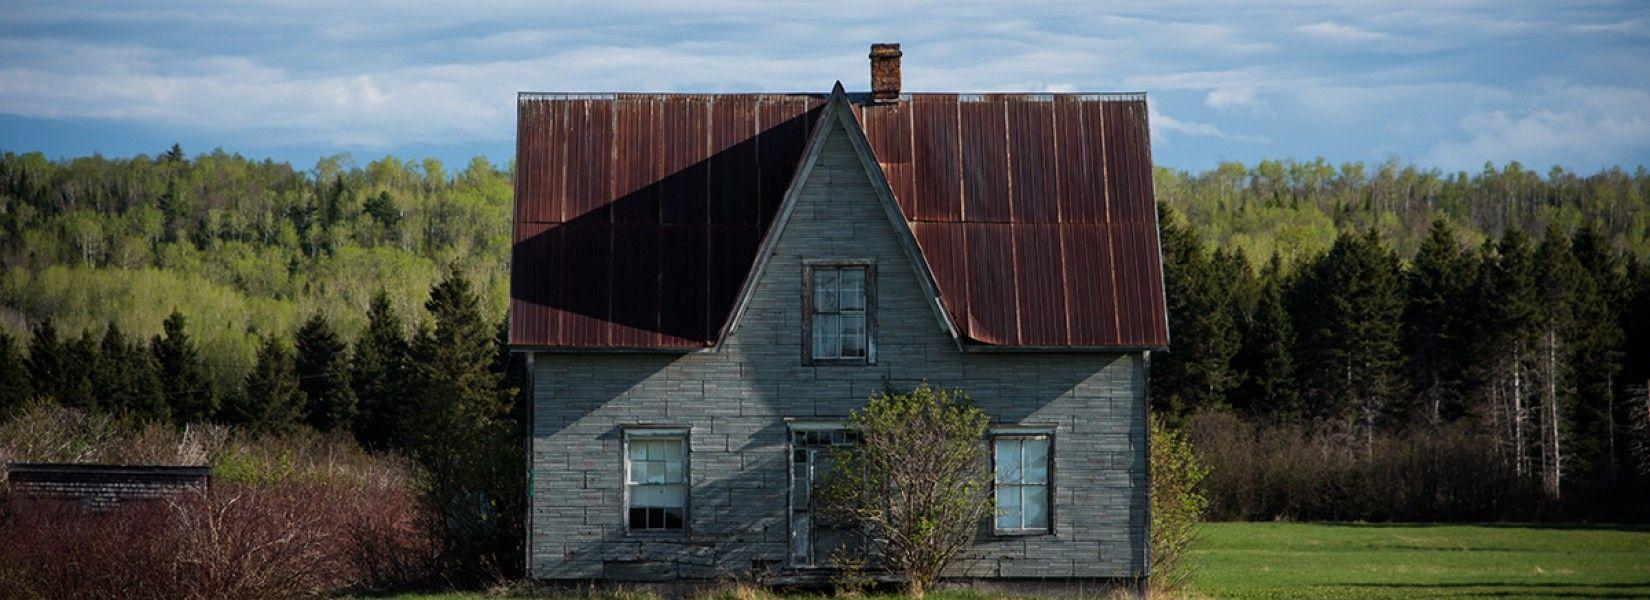 Abandoned houses in Gaspesie